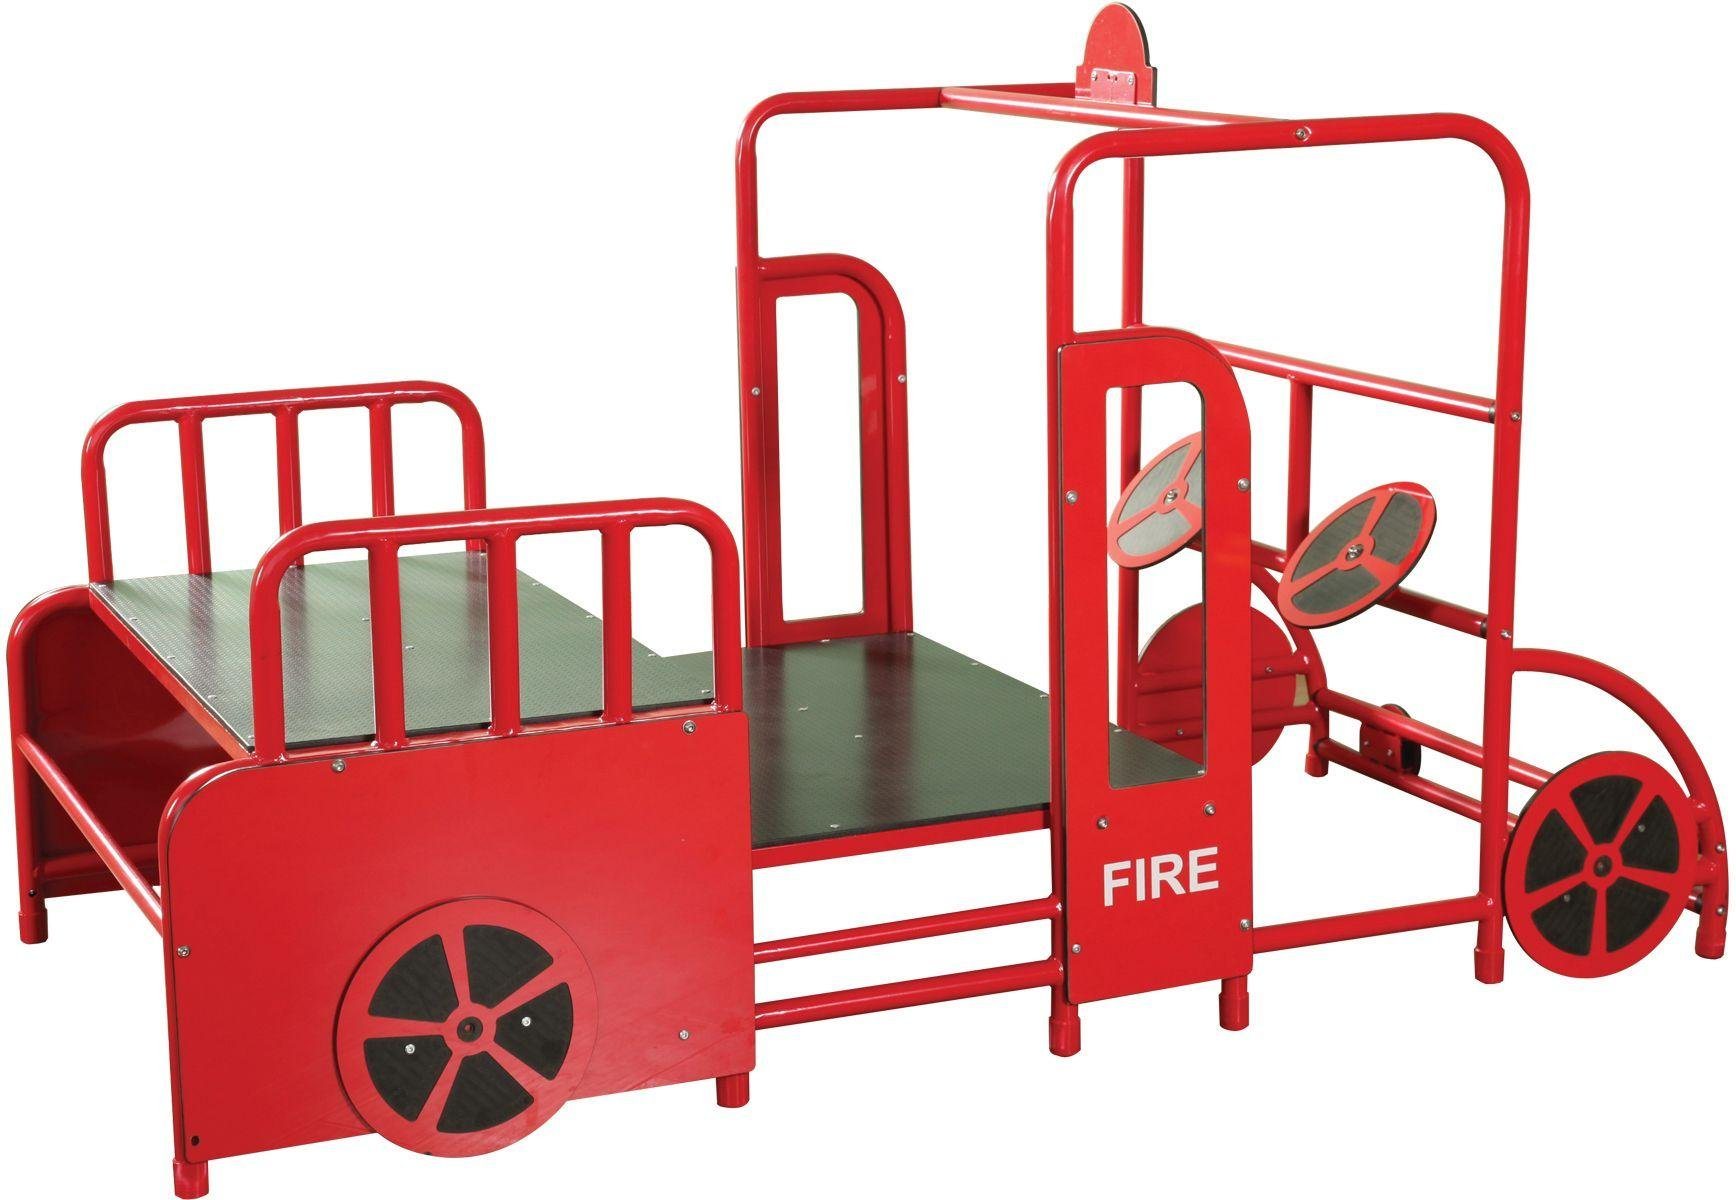 Wisdom Wisdom Play Gym Fire Station.